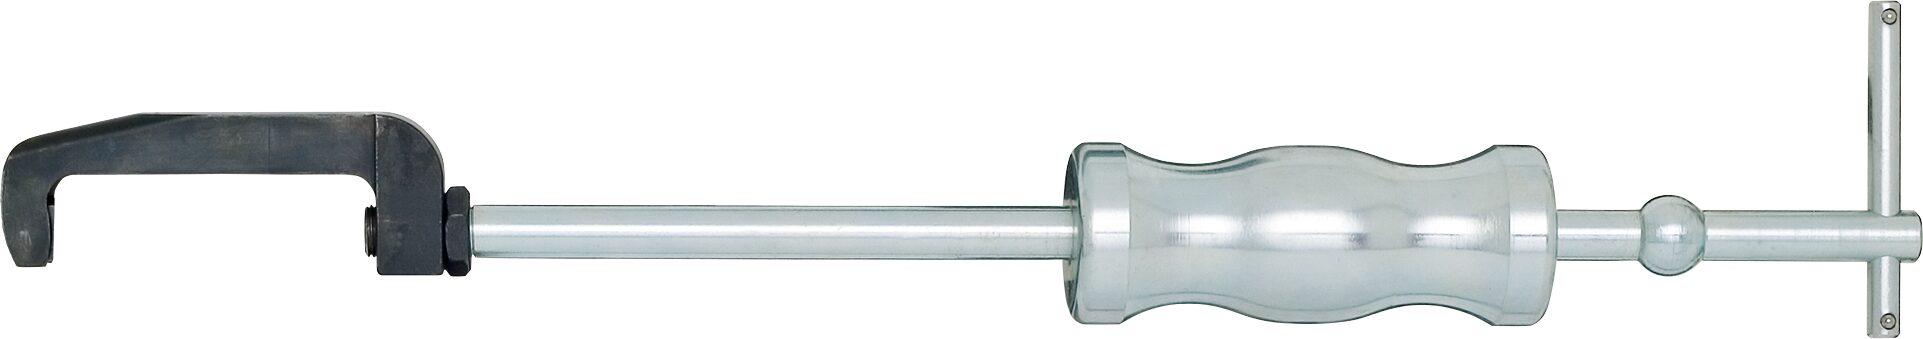 HAZET Injektor-Abzieher 4797/2 ∙ Anzahl Werkzeuge: 2